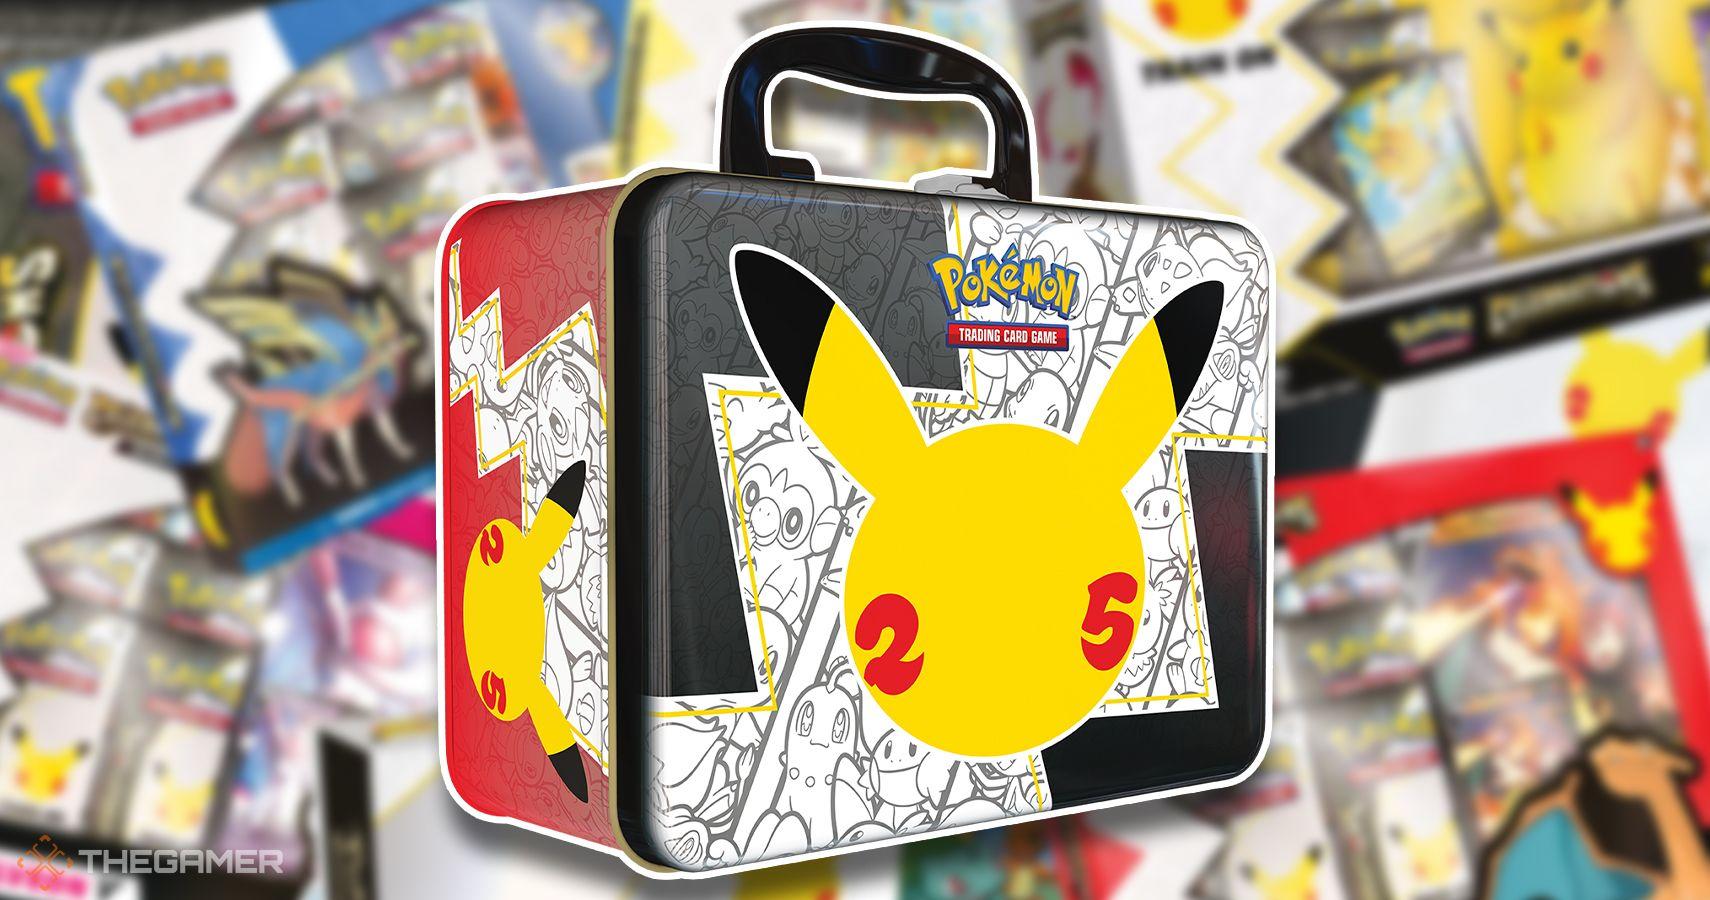 Guía de productos de las celebraciones de Pokémon TCG: explicación de los productos del 25 aniversario